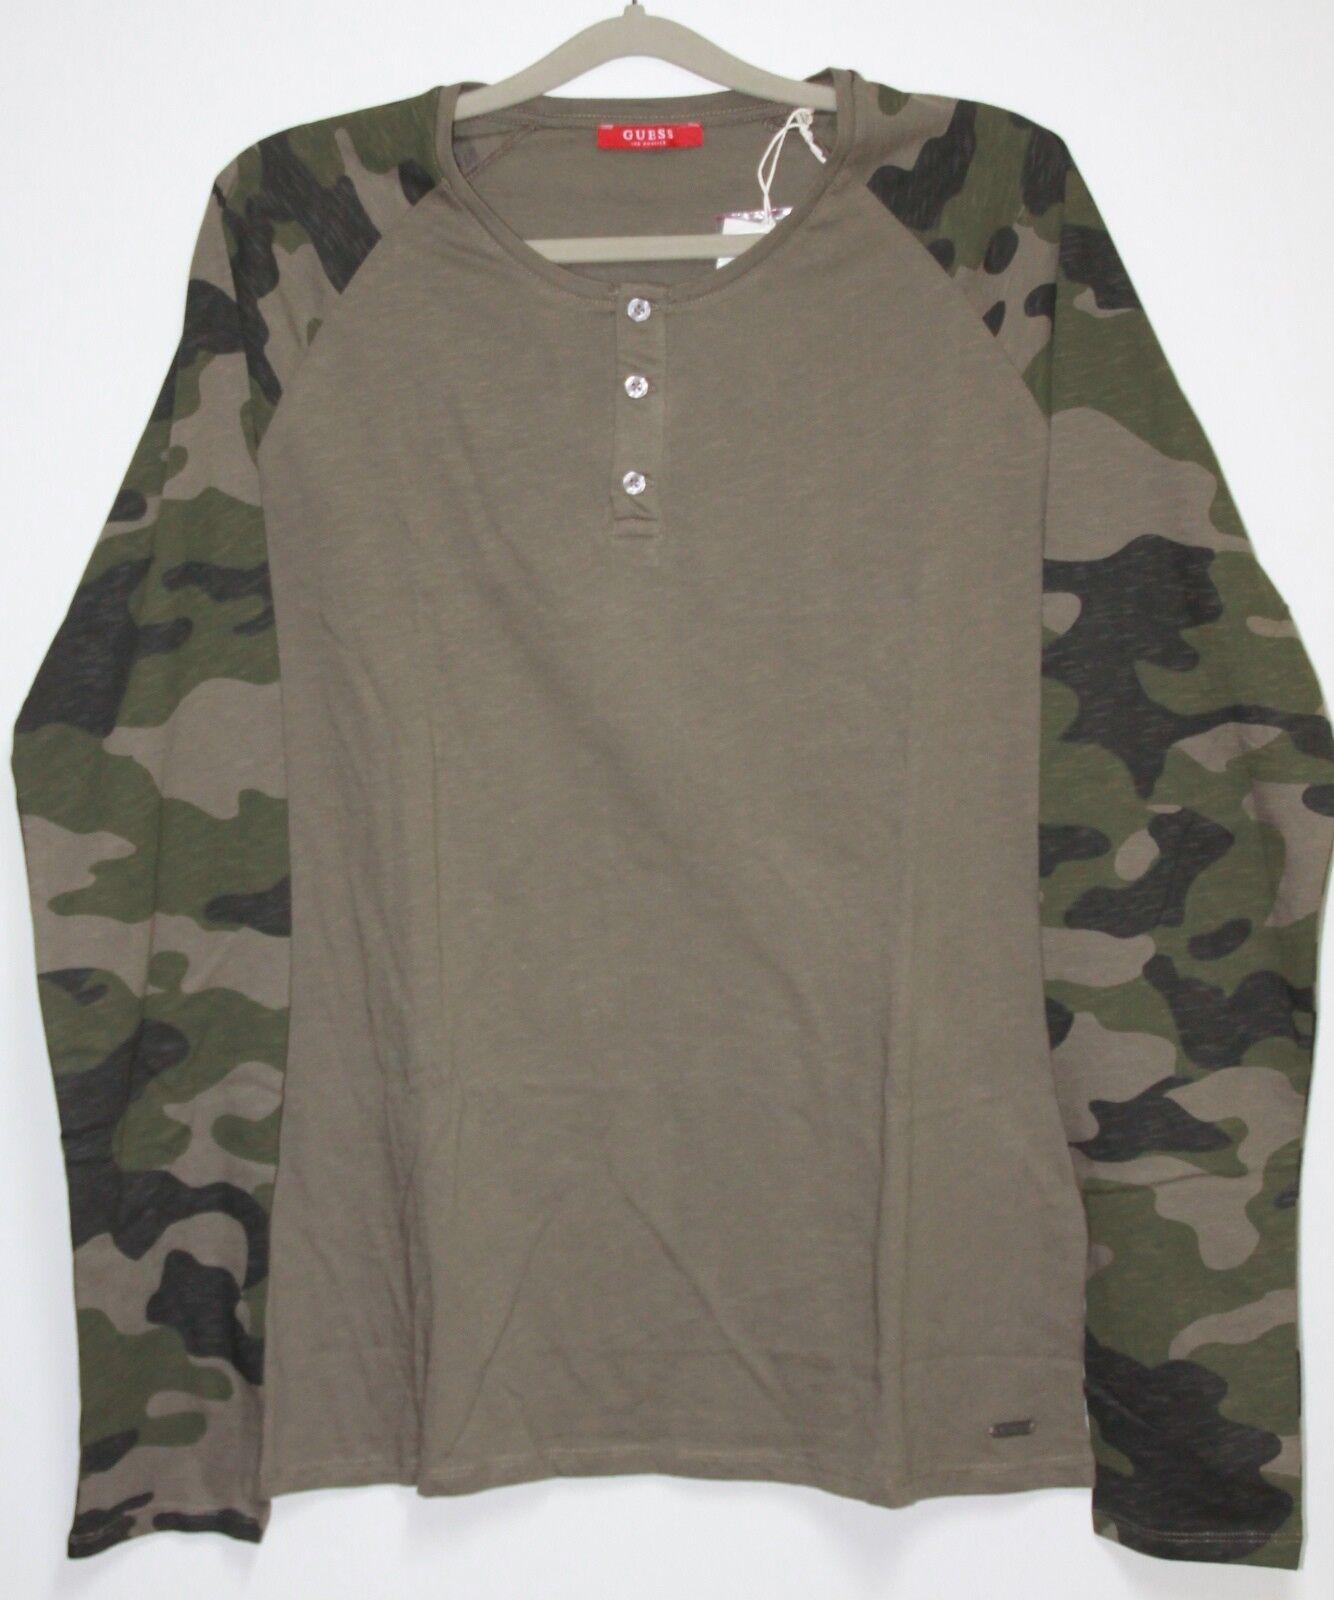 GUESS Langarm Shirt   Größe XXL  Olive Camouflage   Neu mit Etikett  | Qualität und Quantität garantiert  | Neue Produkte im Jahr 2019  | Feine Verarbeitung